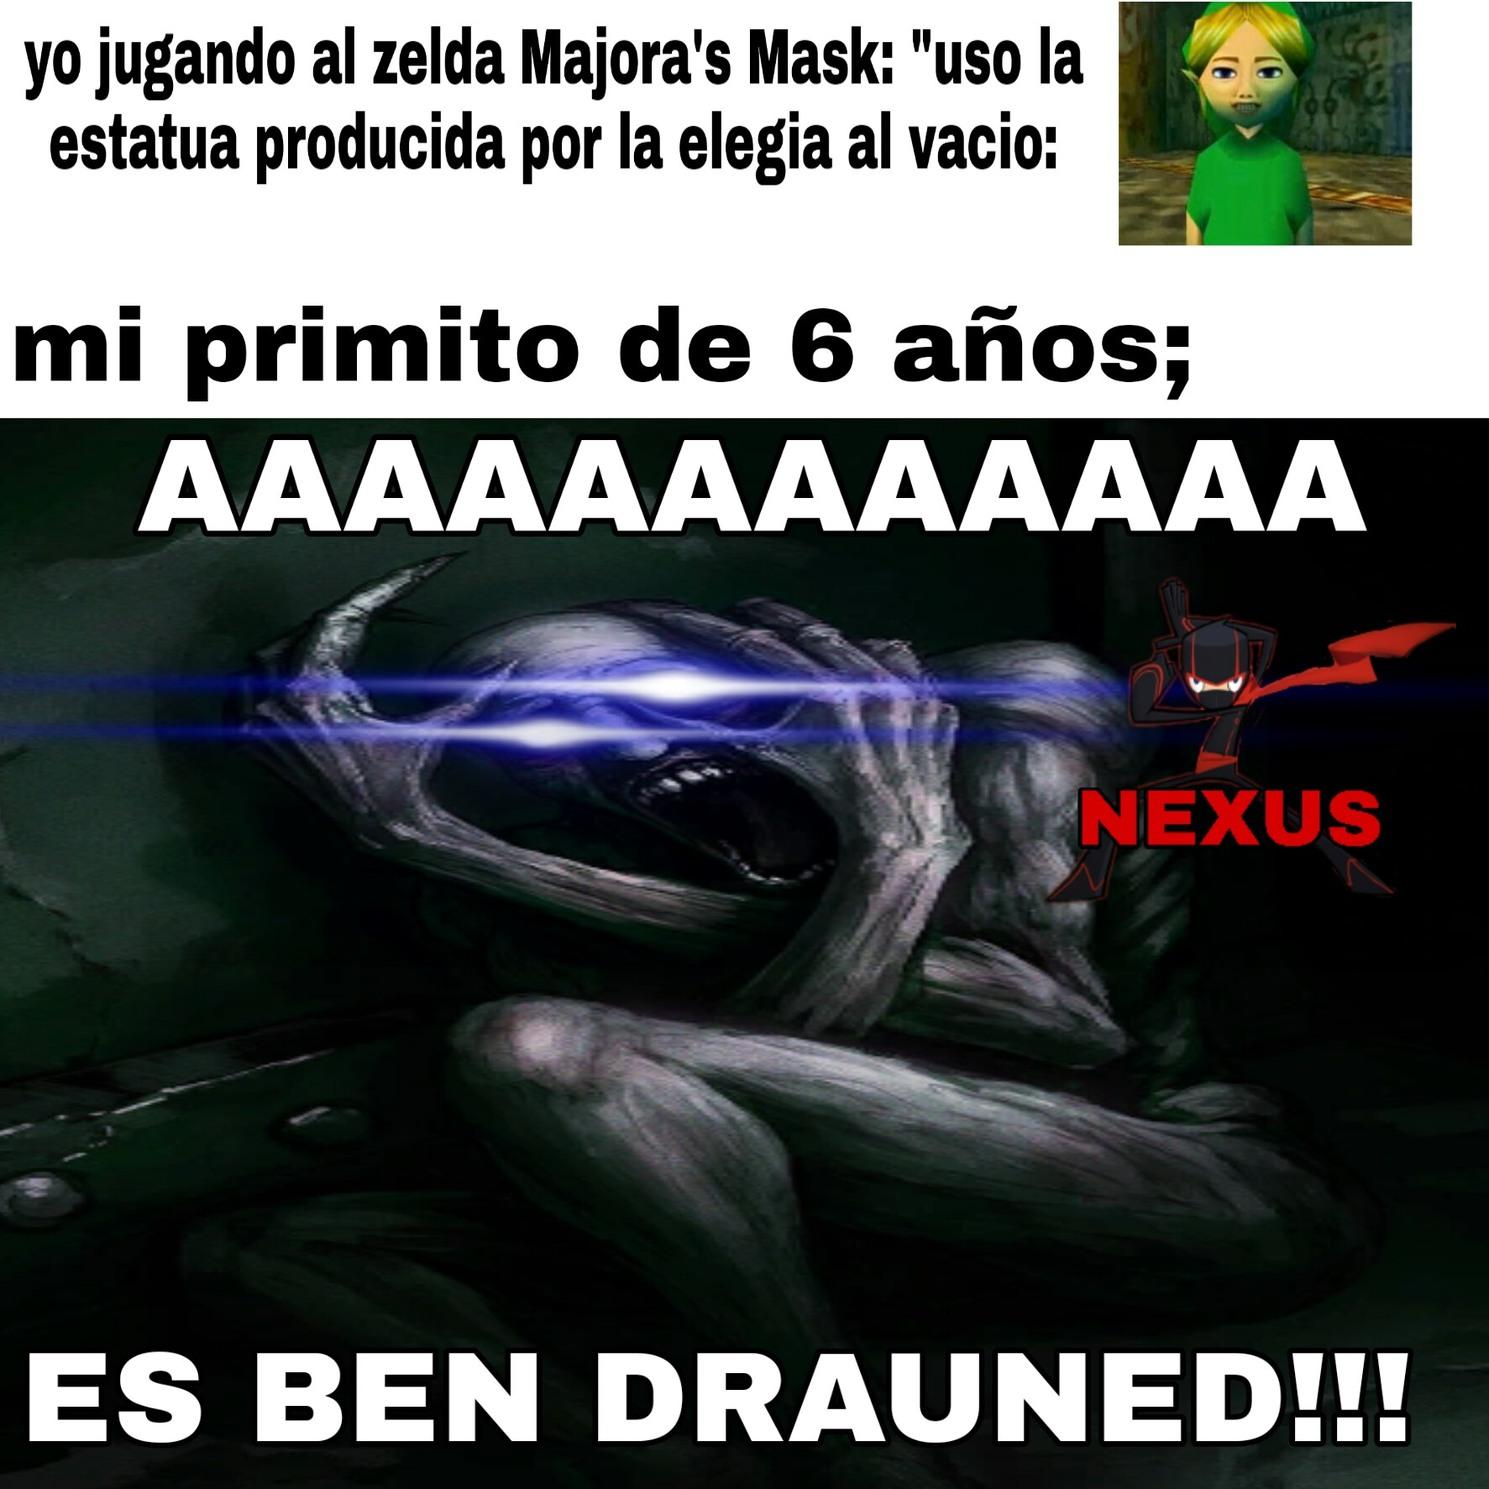 AAAAAA es Ben drauned D: - meme